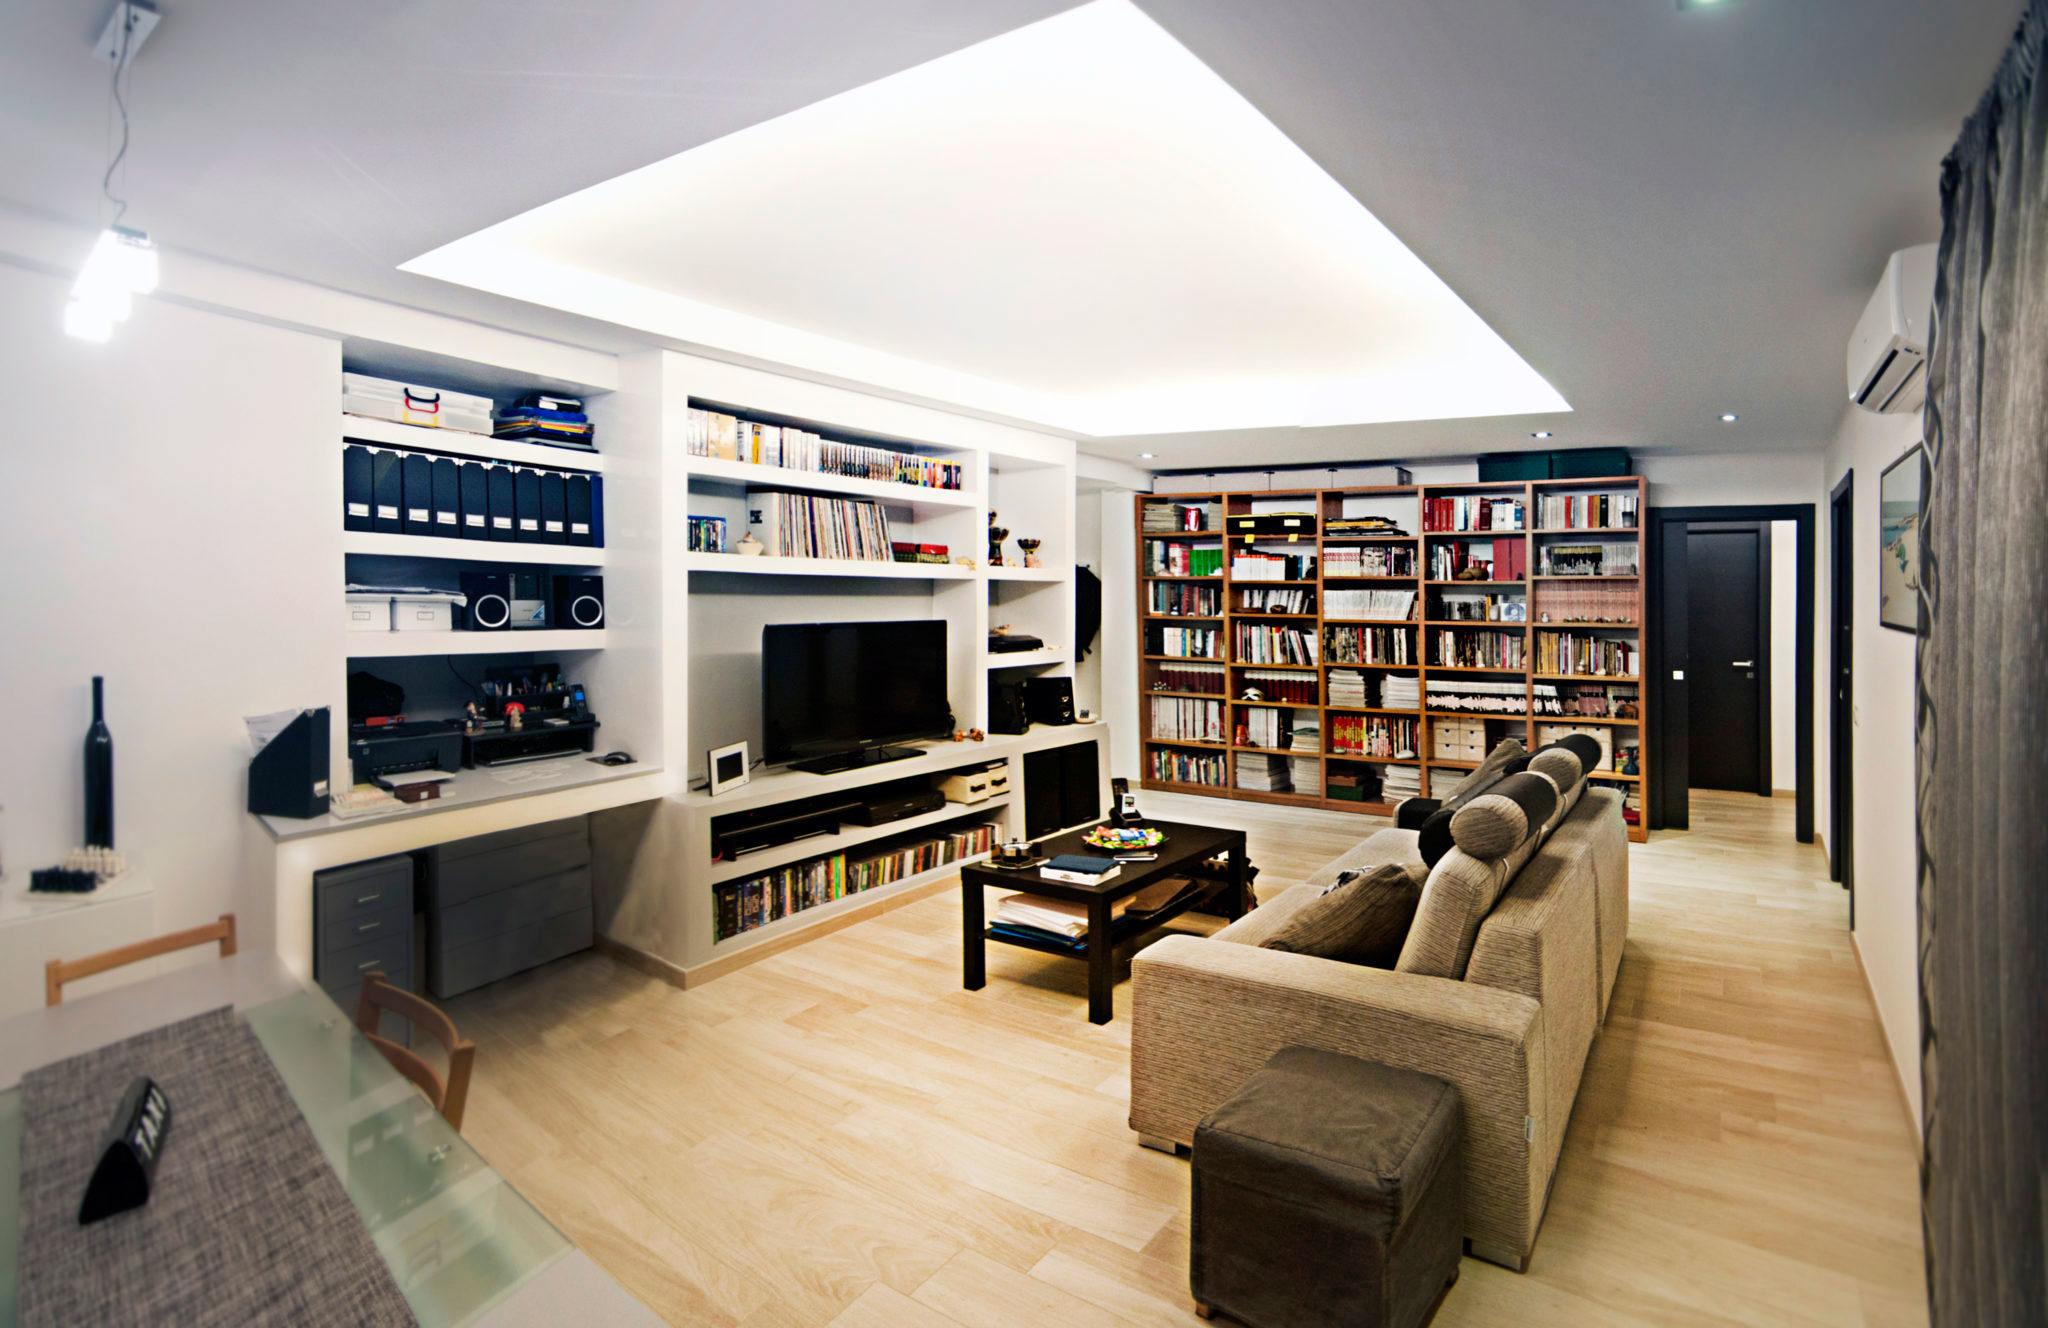 MM flat in Rome